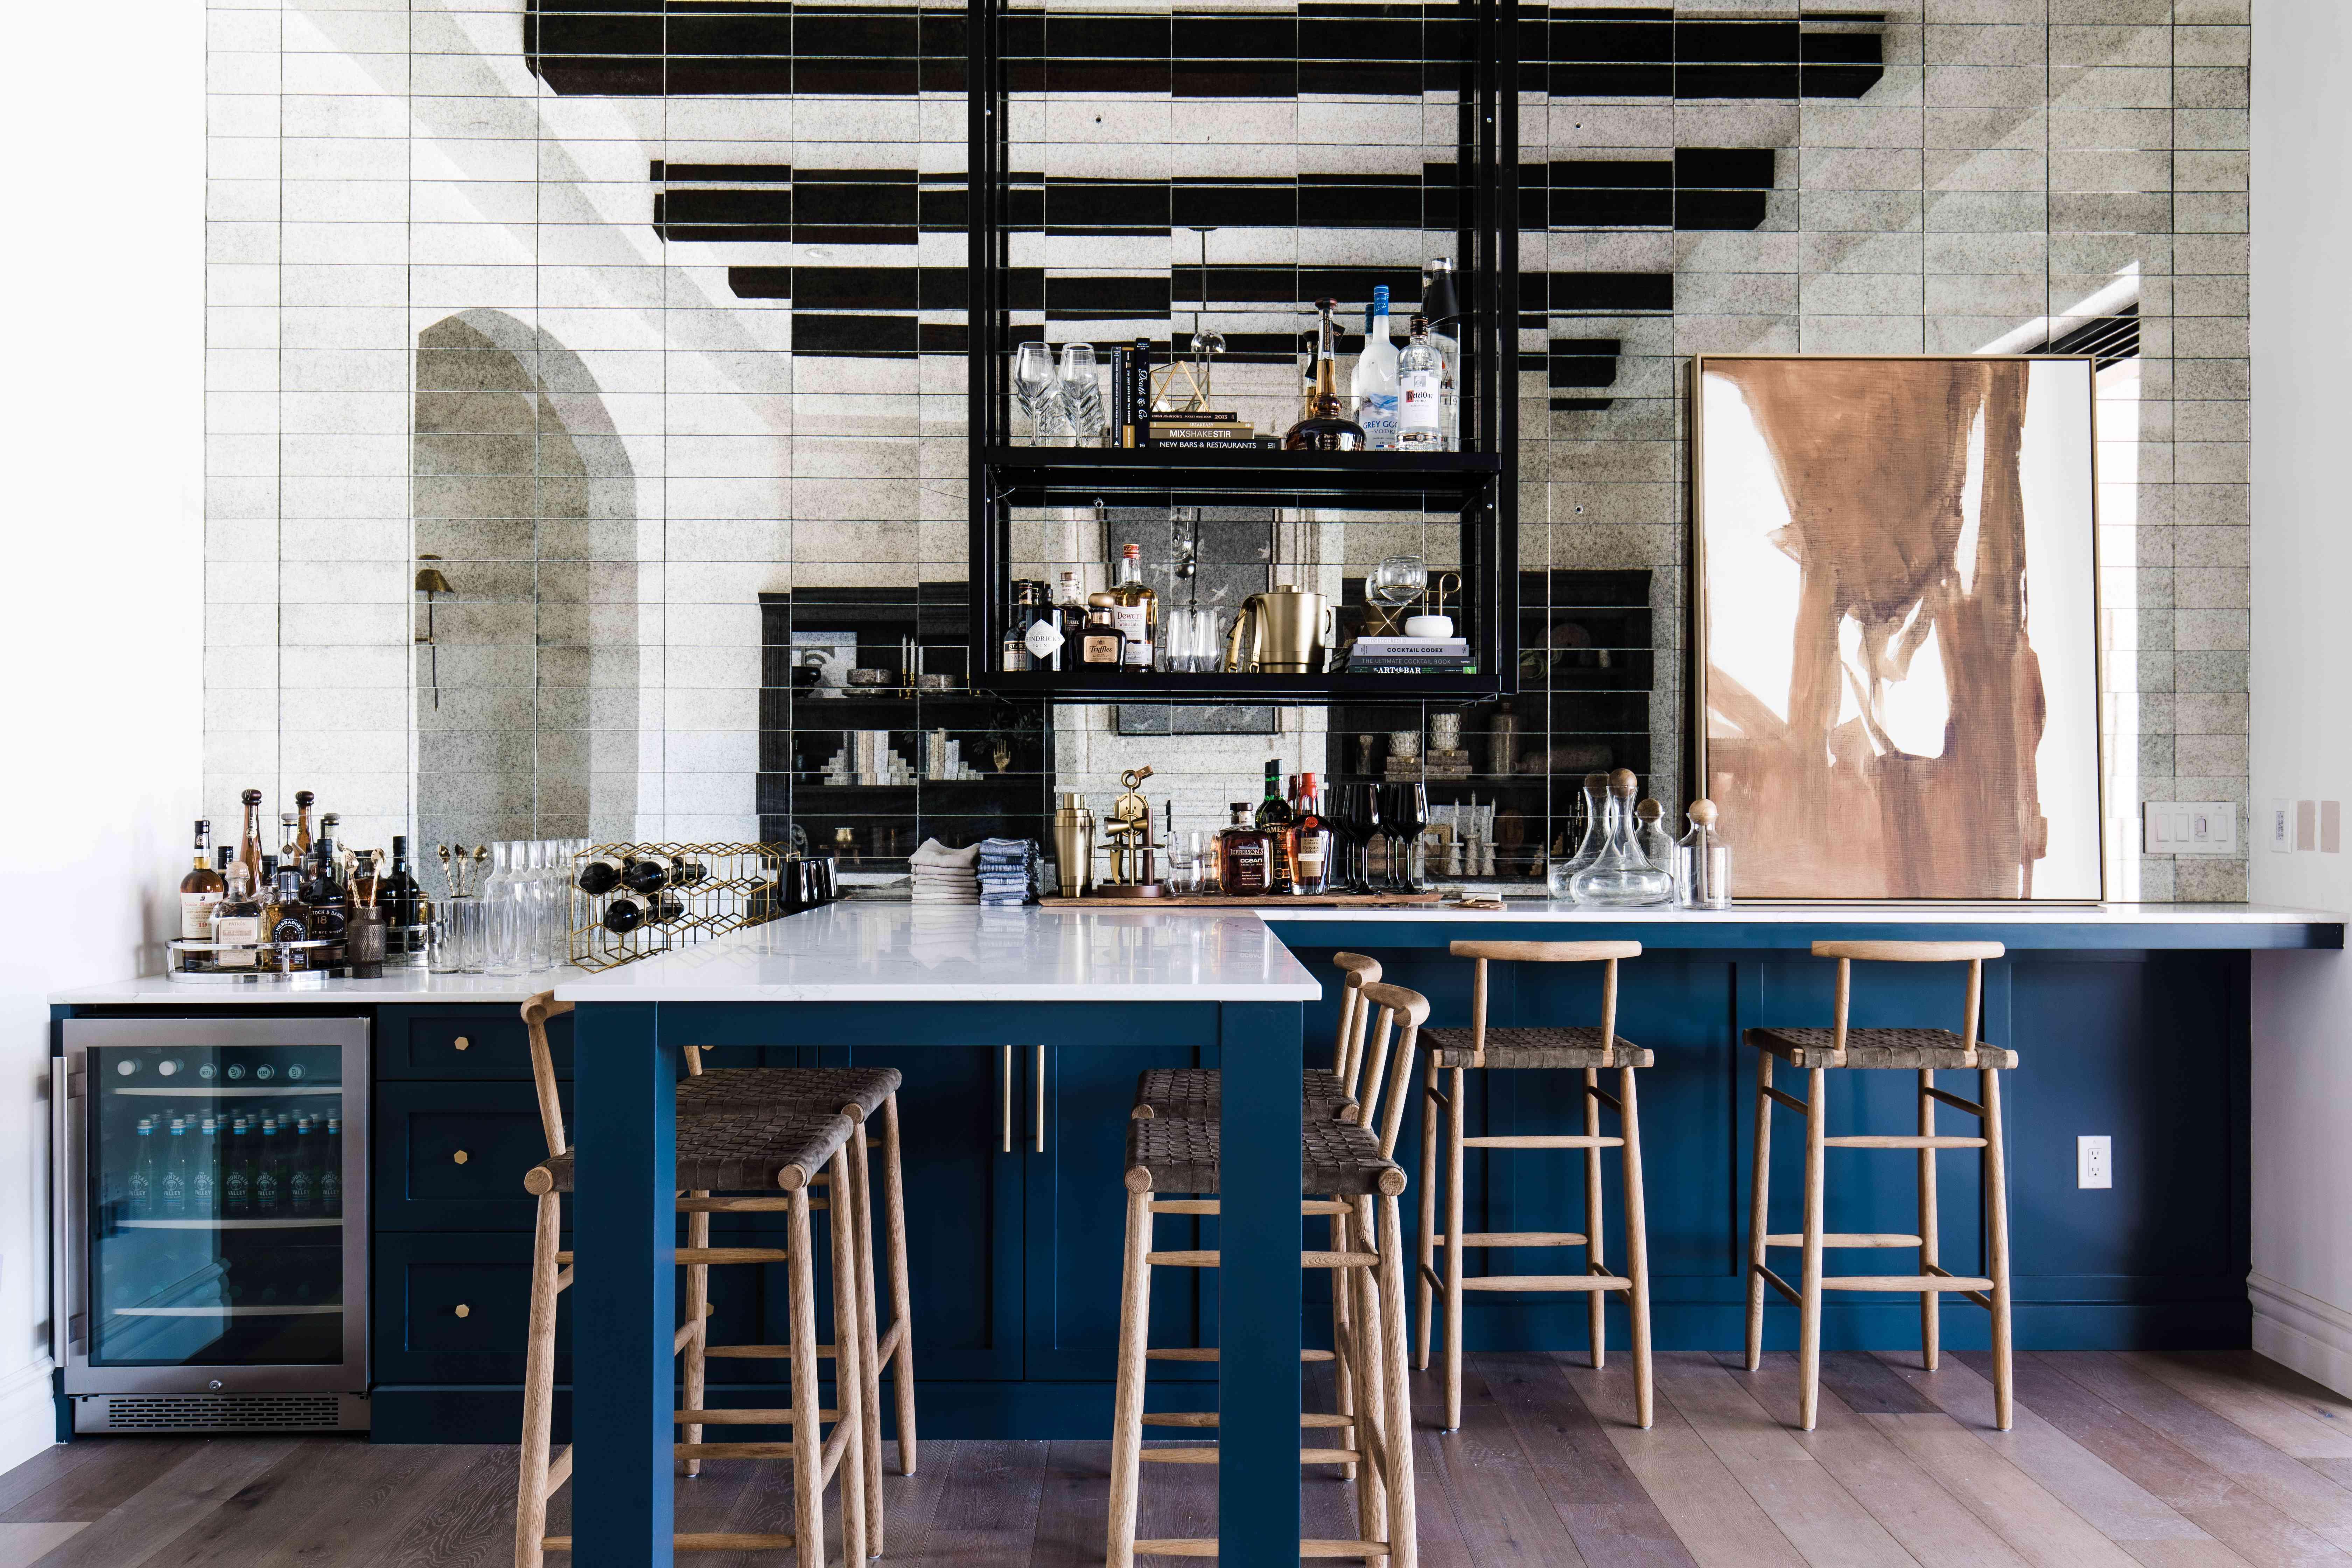 arizona home tour - home bar